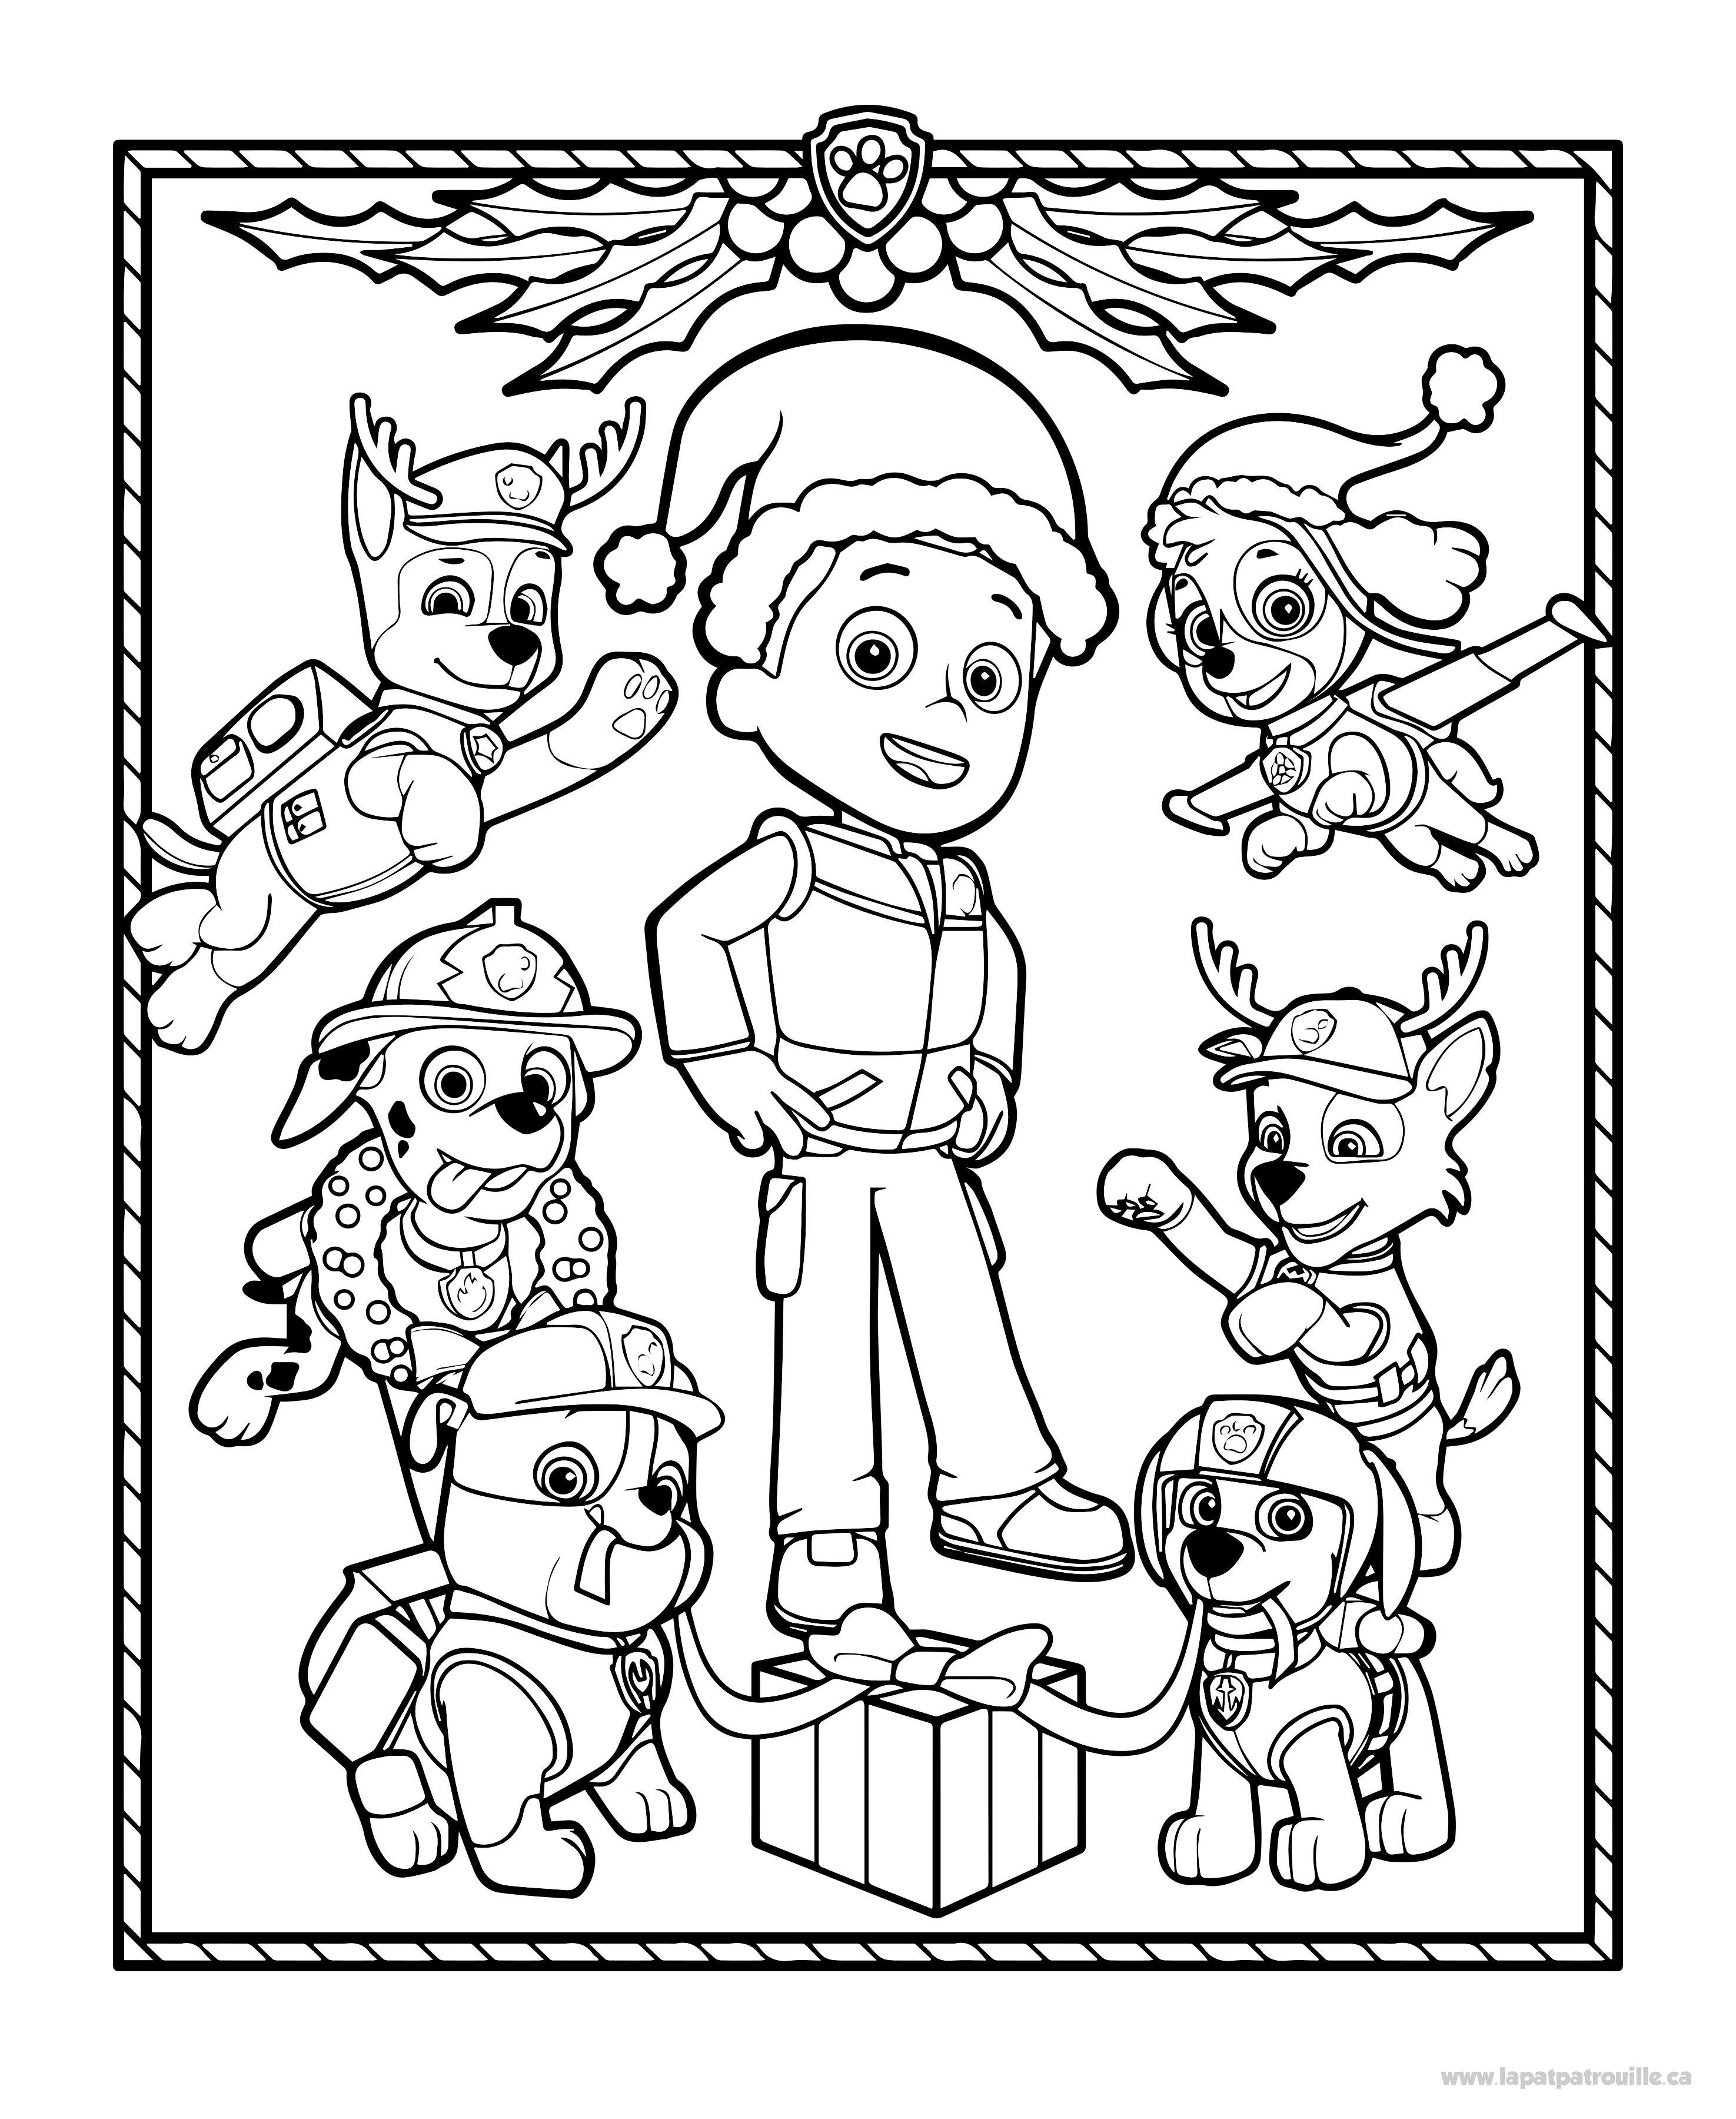 Coloriage De Les Chiots De La Patpatrouille Décorent Pour Noël La